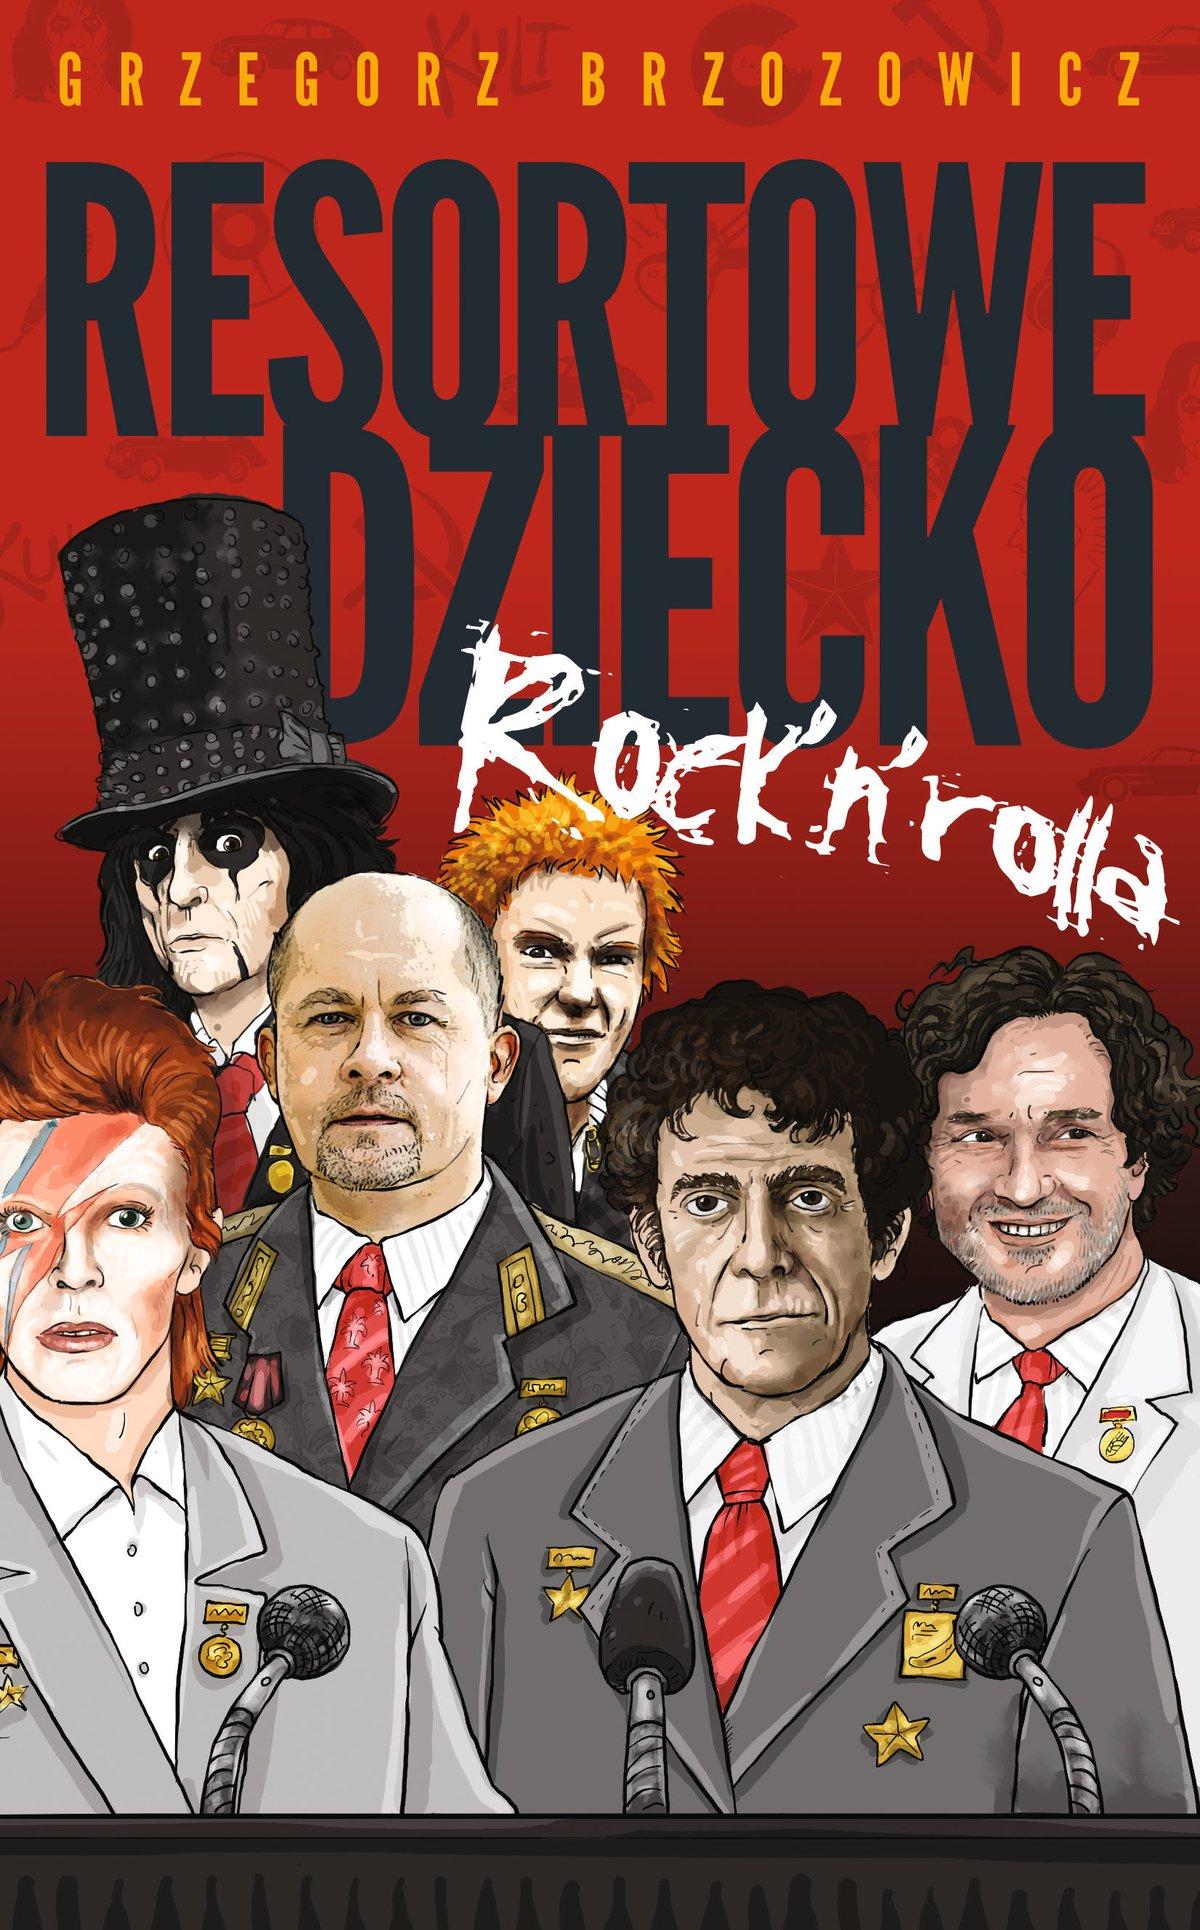 Resortowe dziecko Rock'n'Rolla - Ebook (Książka na Kindle) do pobrania w formacie MOBI